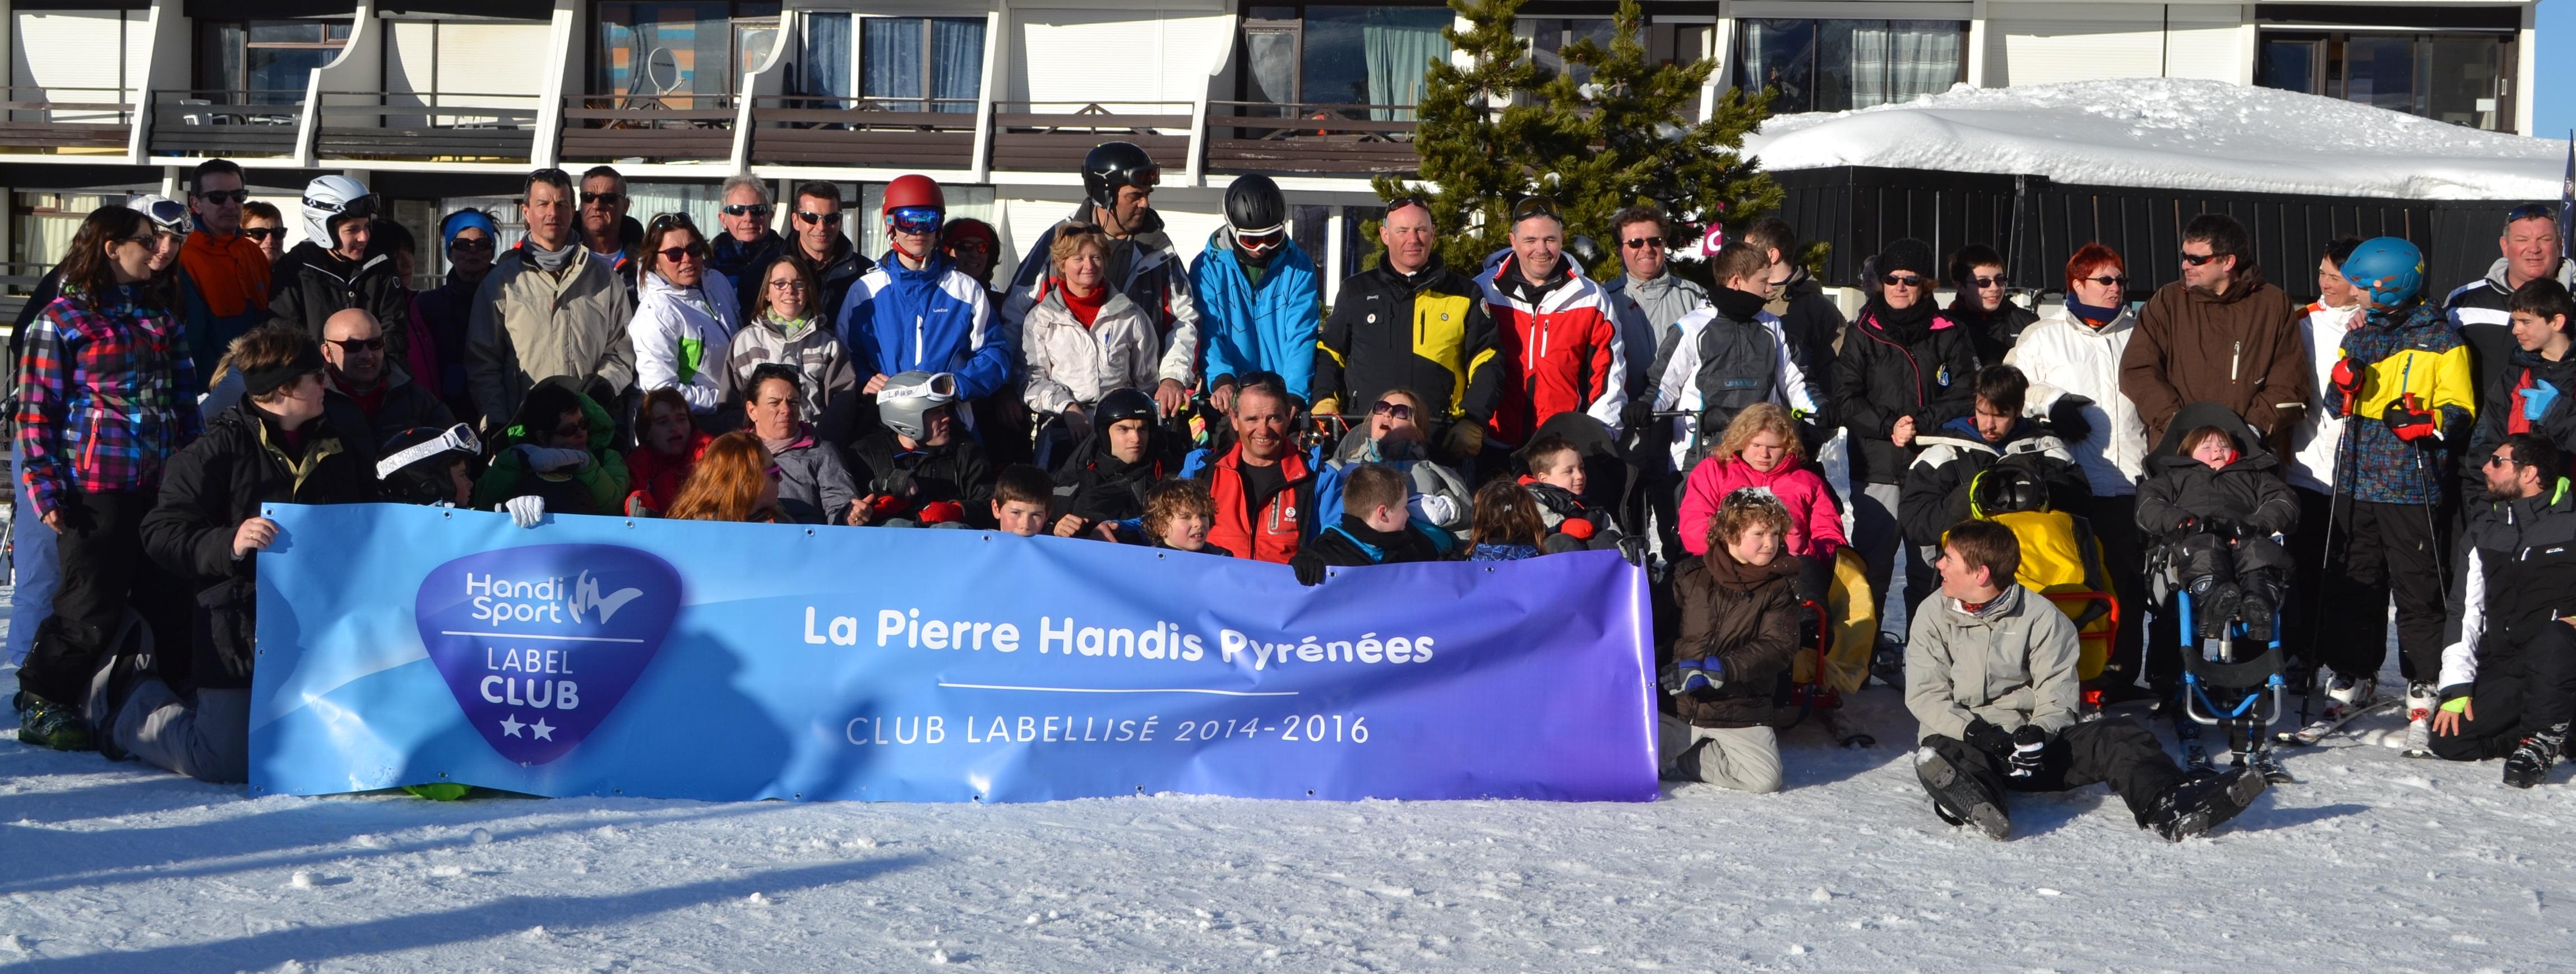 La Pierre Handiski Pyrénnées 2015